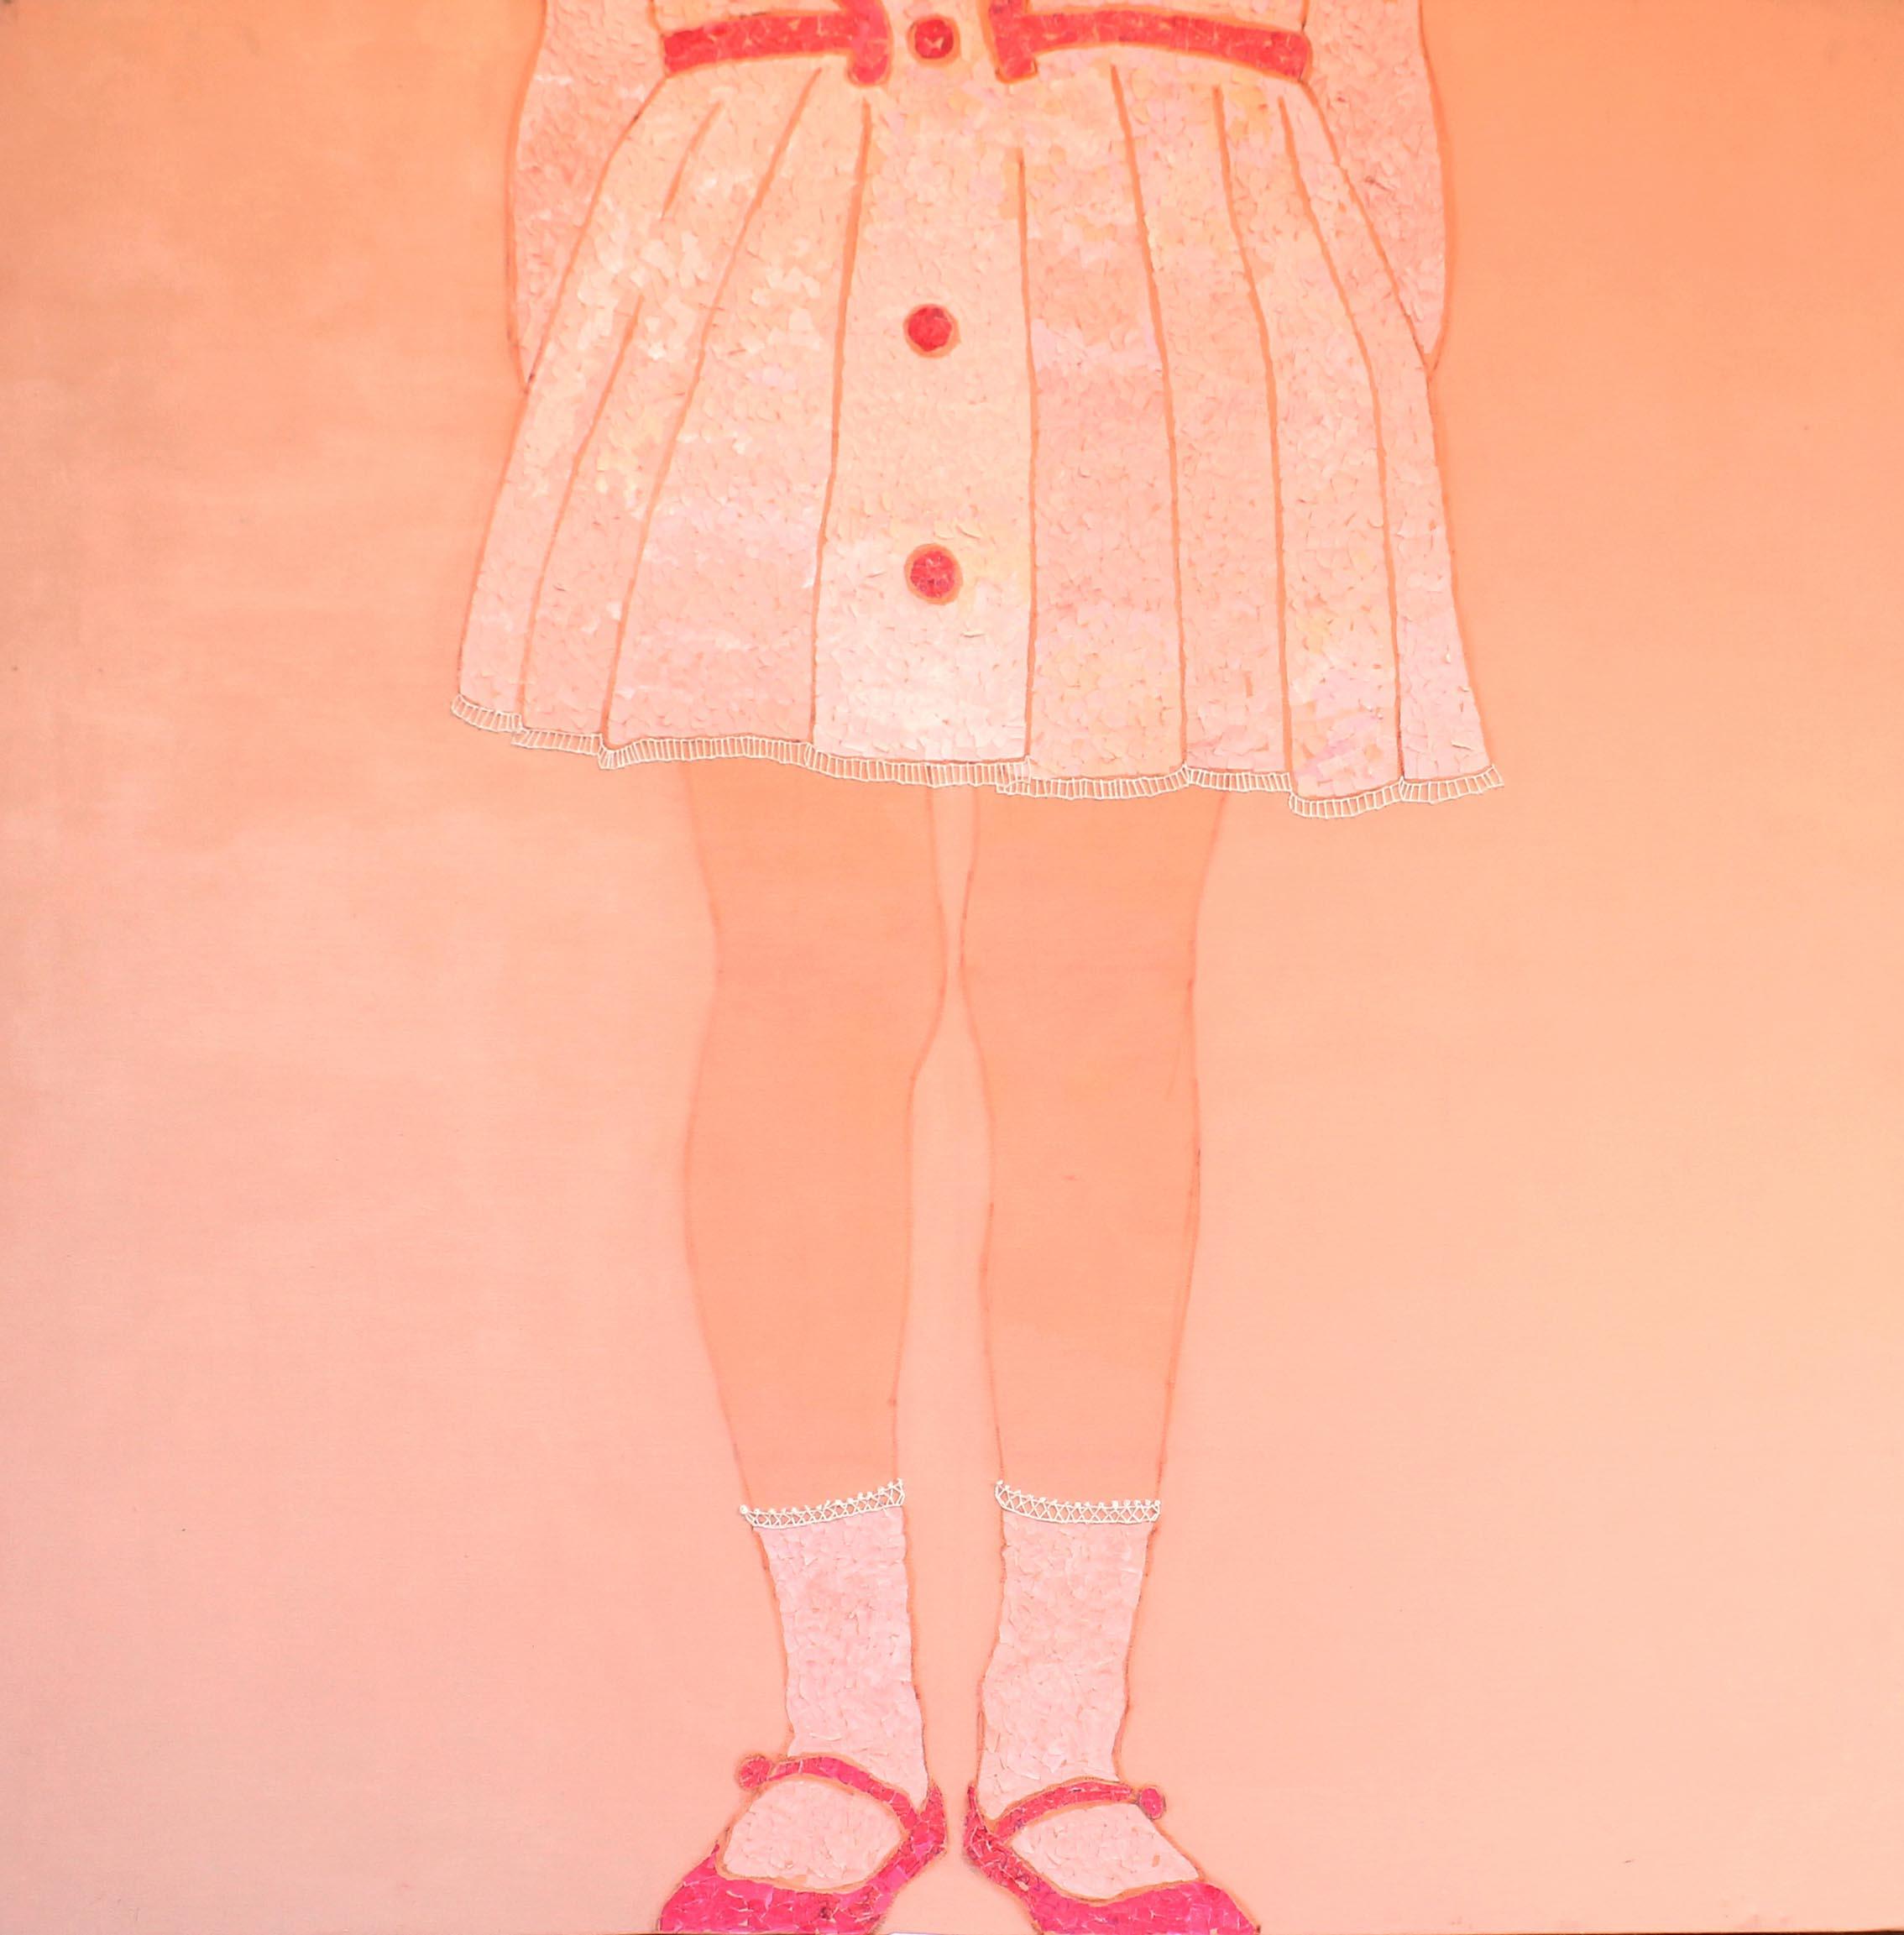 Senza titolo,  acrilco e carta colorata su tela, 100x100cm, 2013